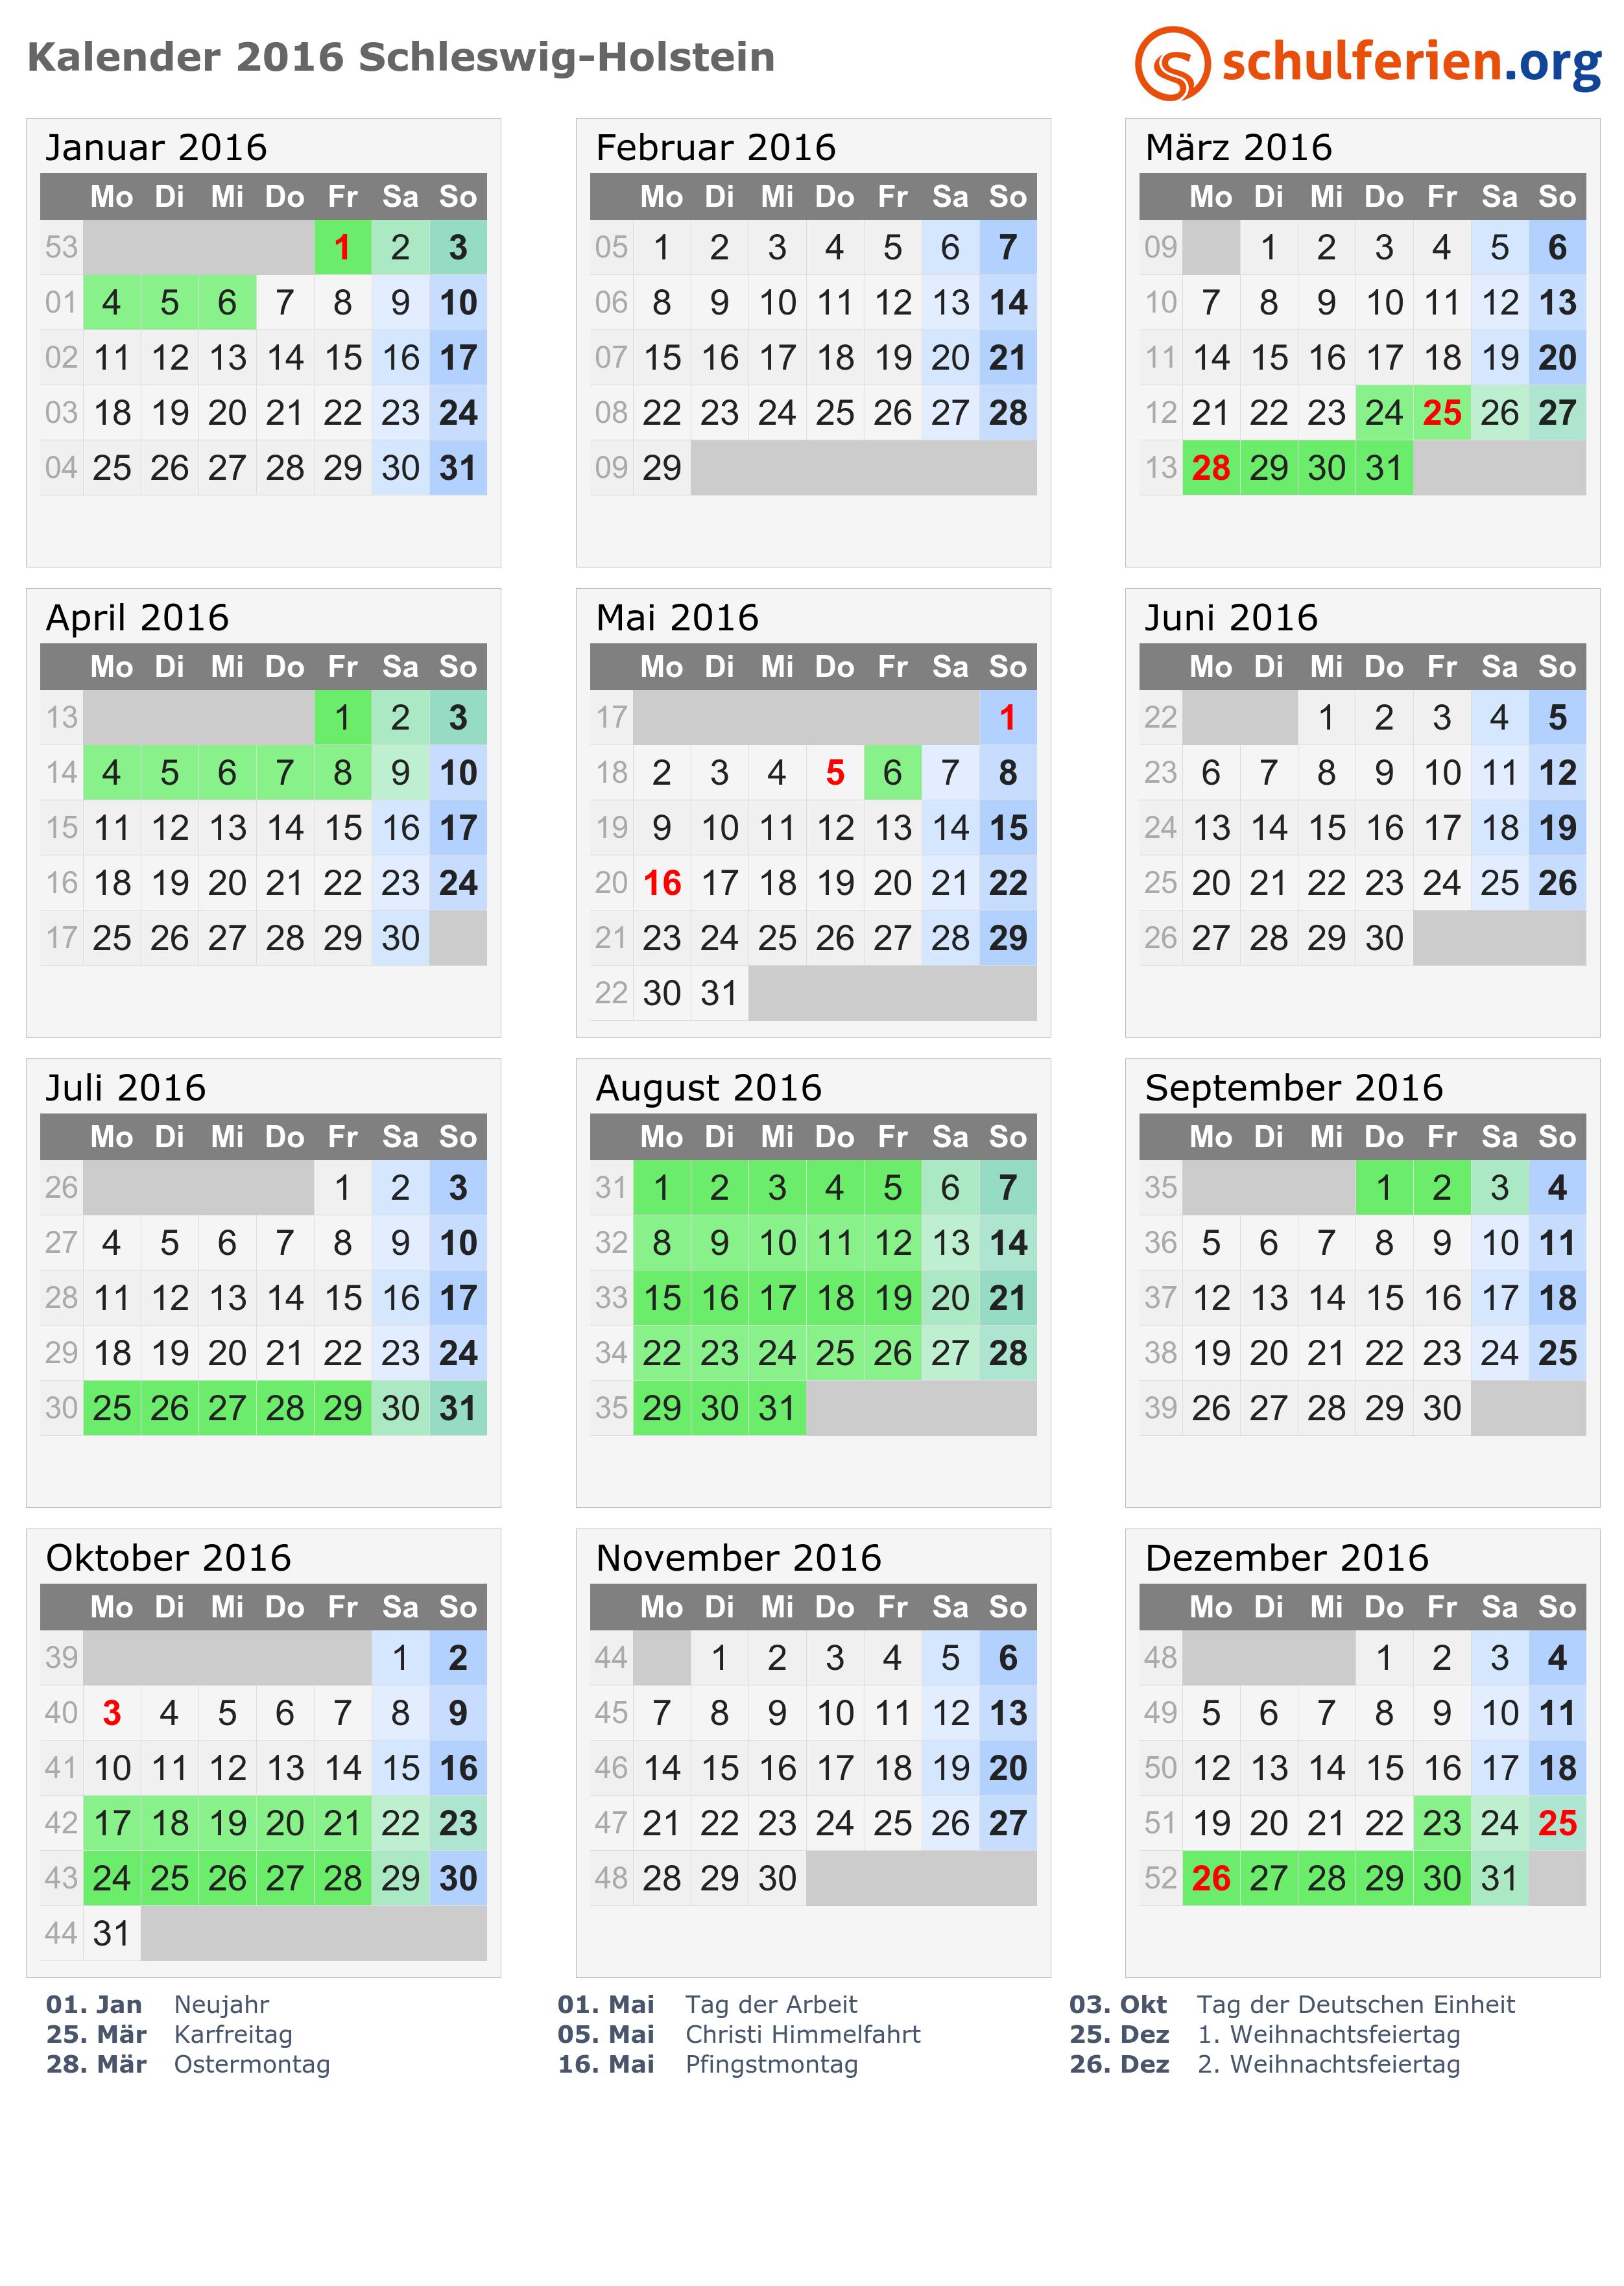 kalender 2016 ferien schleswig holstein feiertage. Black Bedroom Furniture Sets. Home Design Ideas